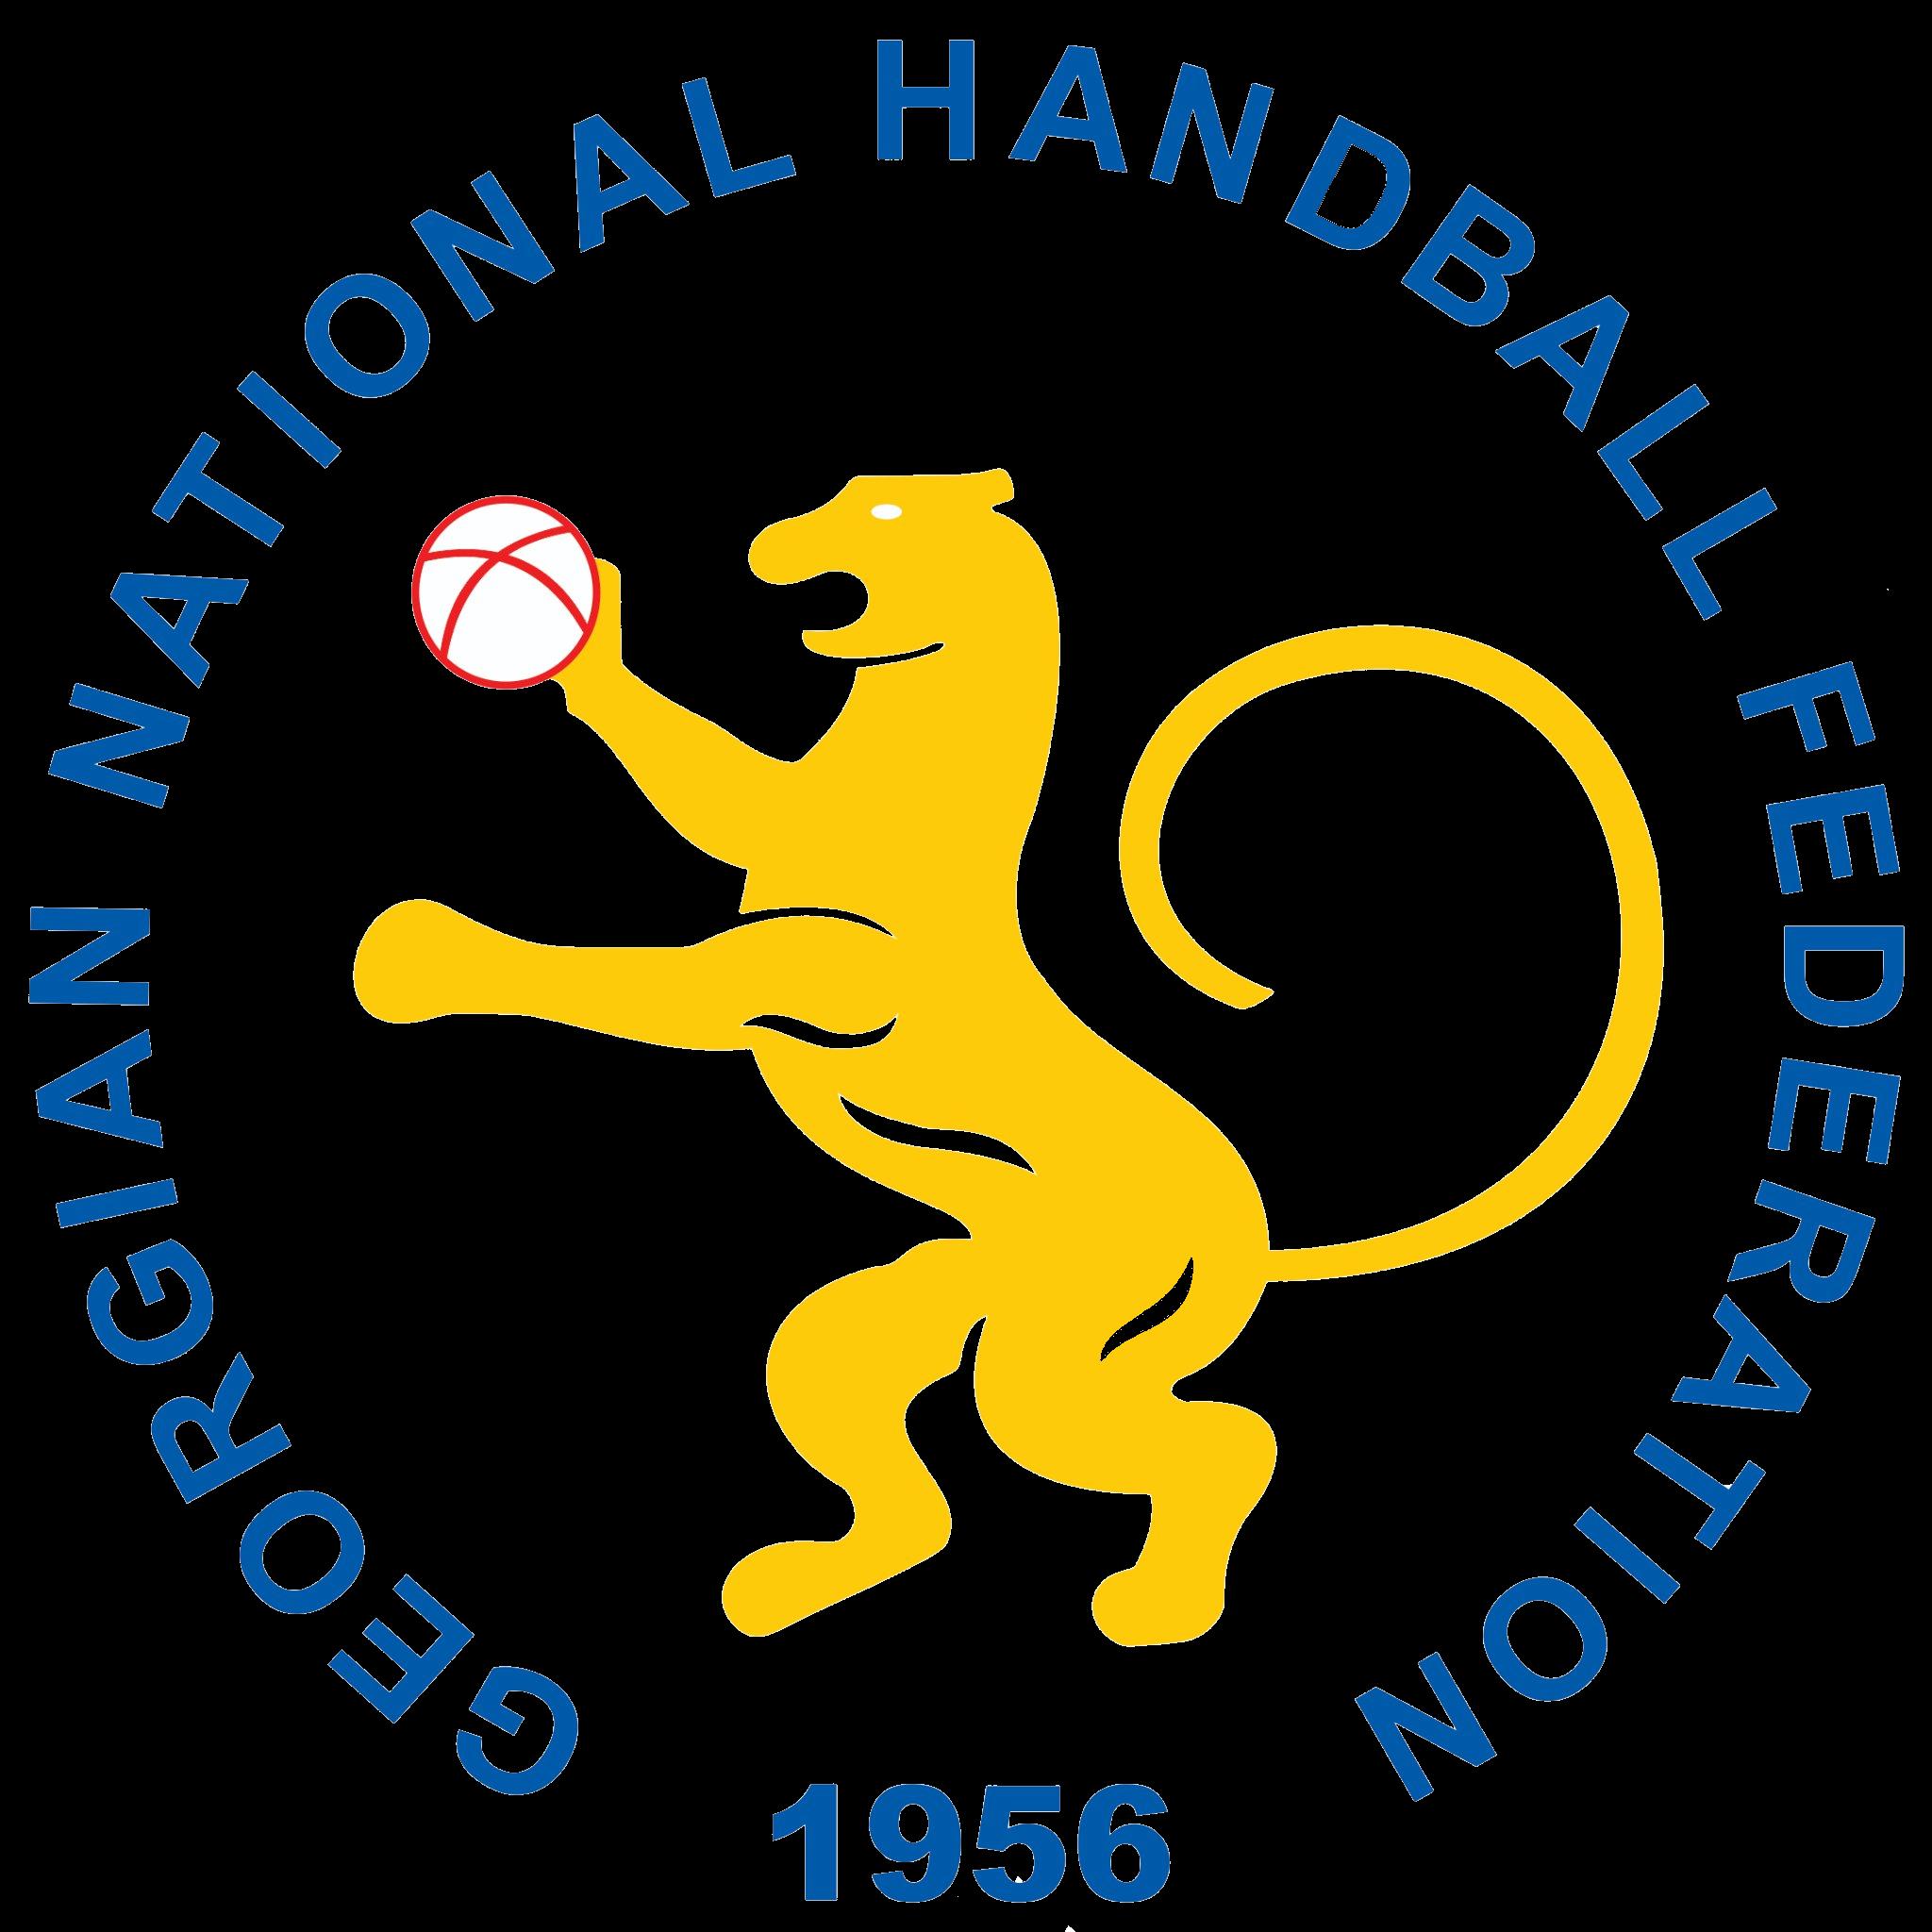 საქართველოს ხელბურთის ეროვნული ფედერაცია